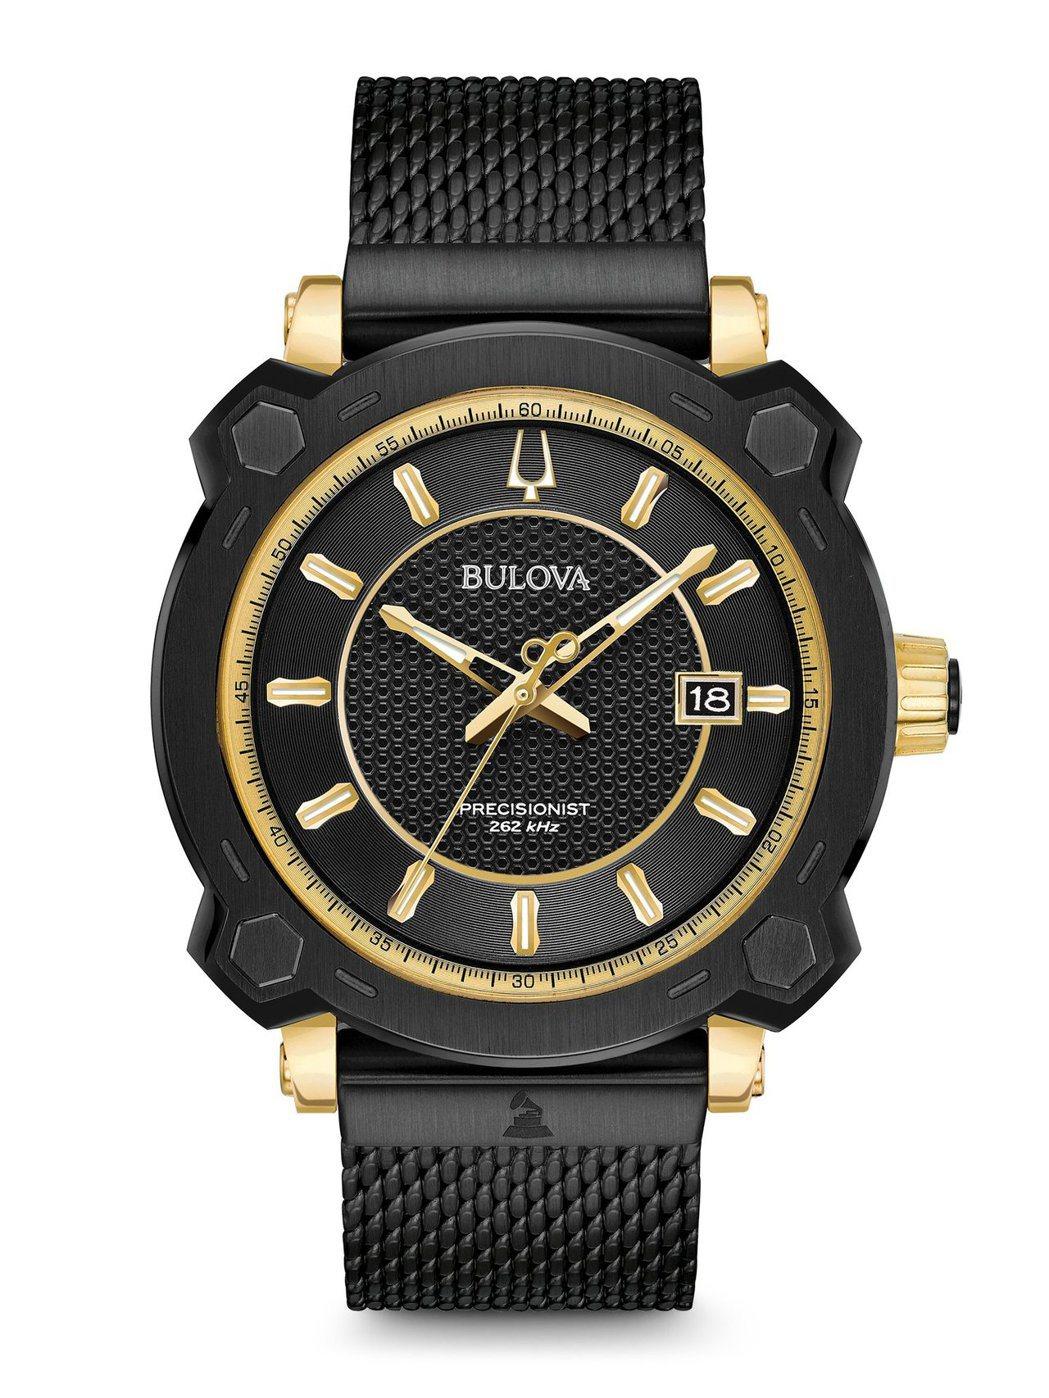 BULOVA葛萊美聯名系列98B303腕表,不鏽鋼鍍香檳金表殼,約29,800元...